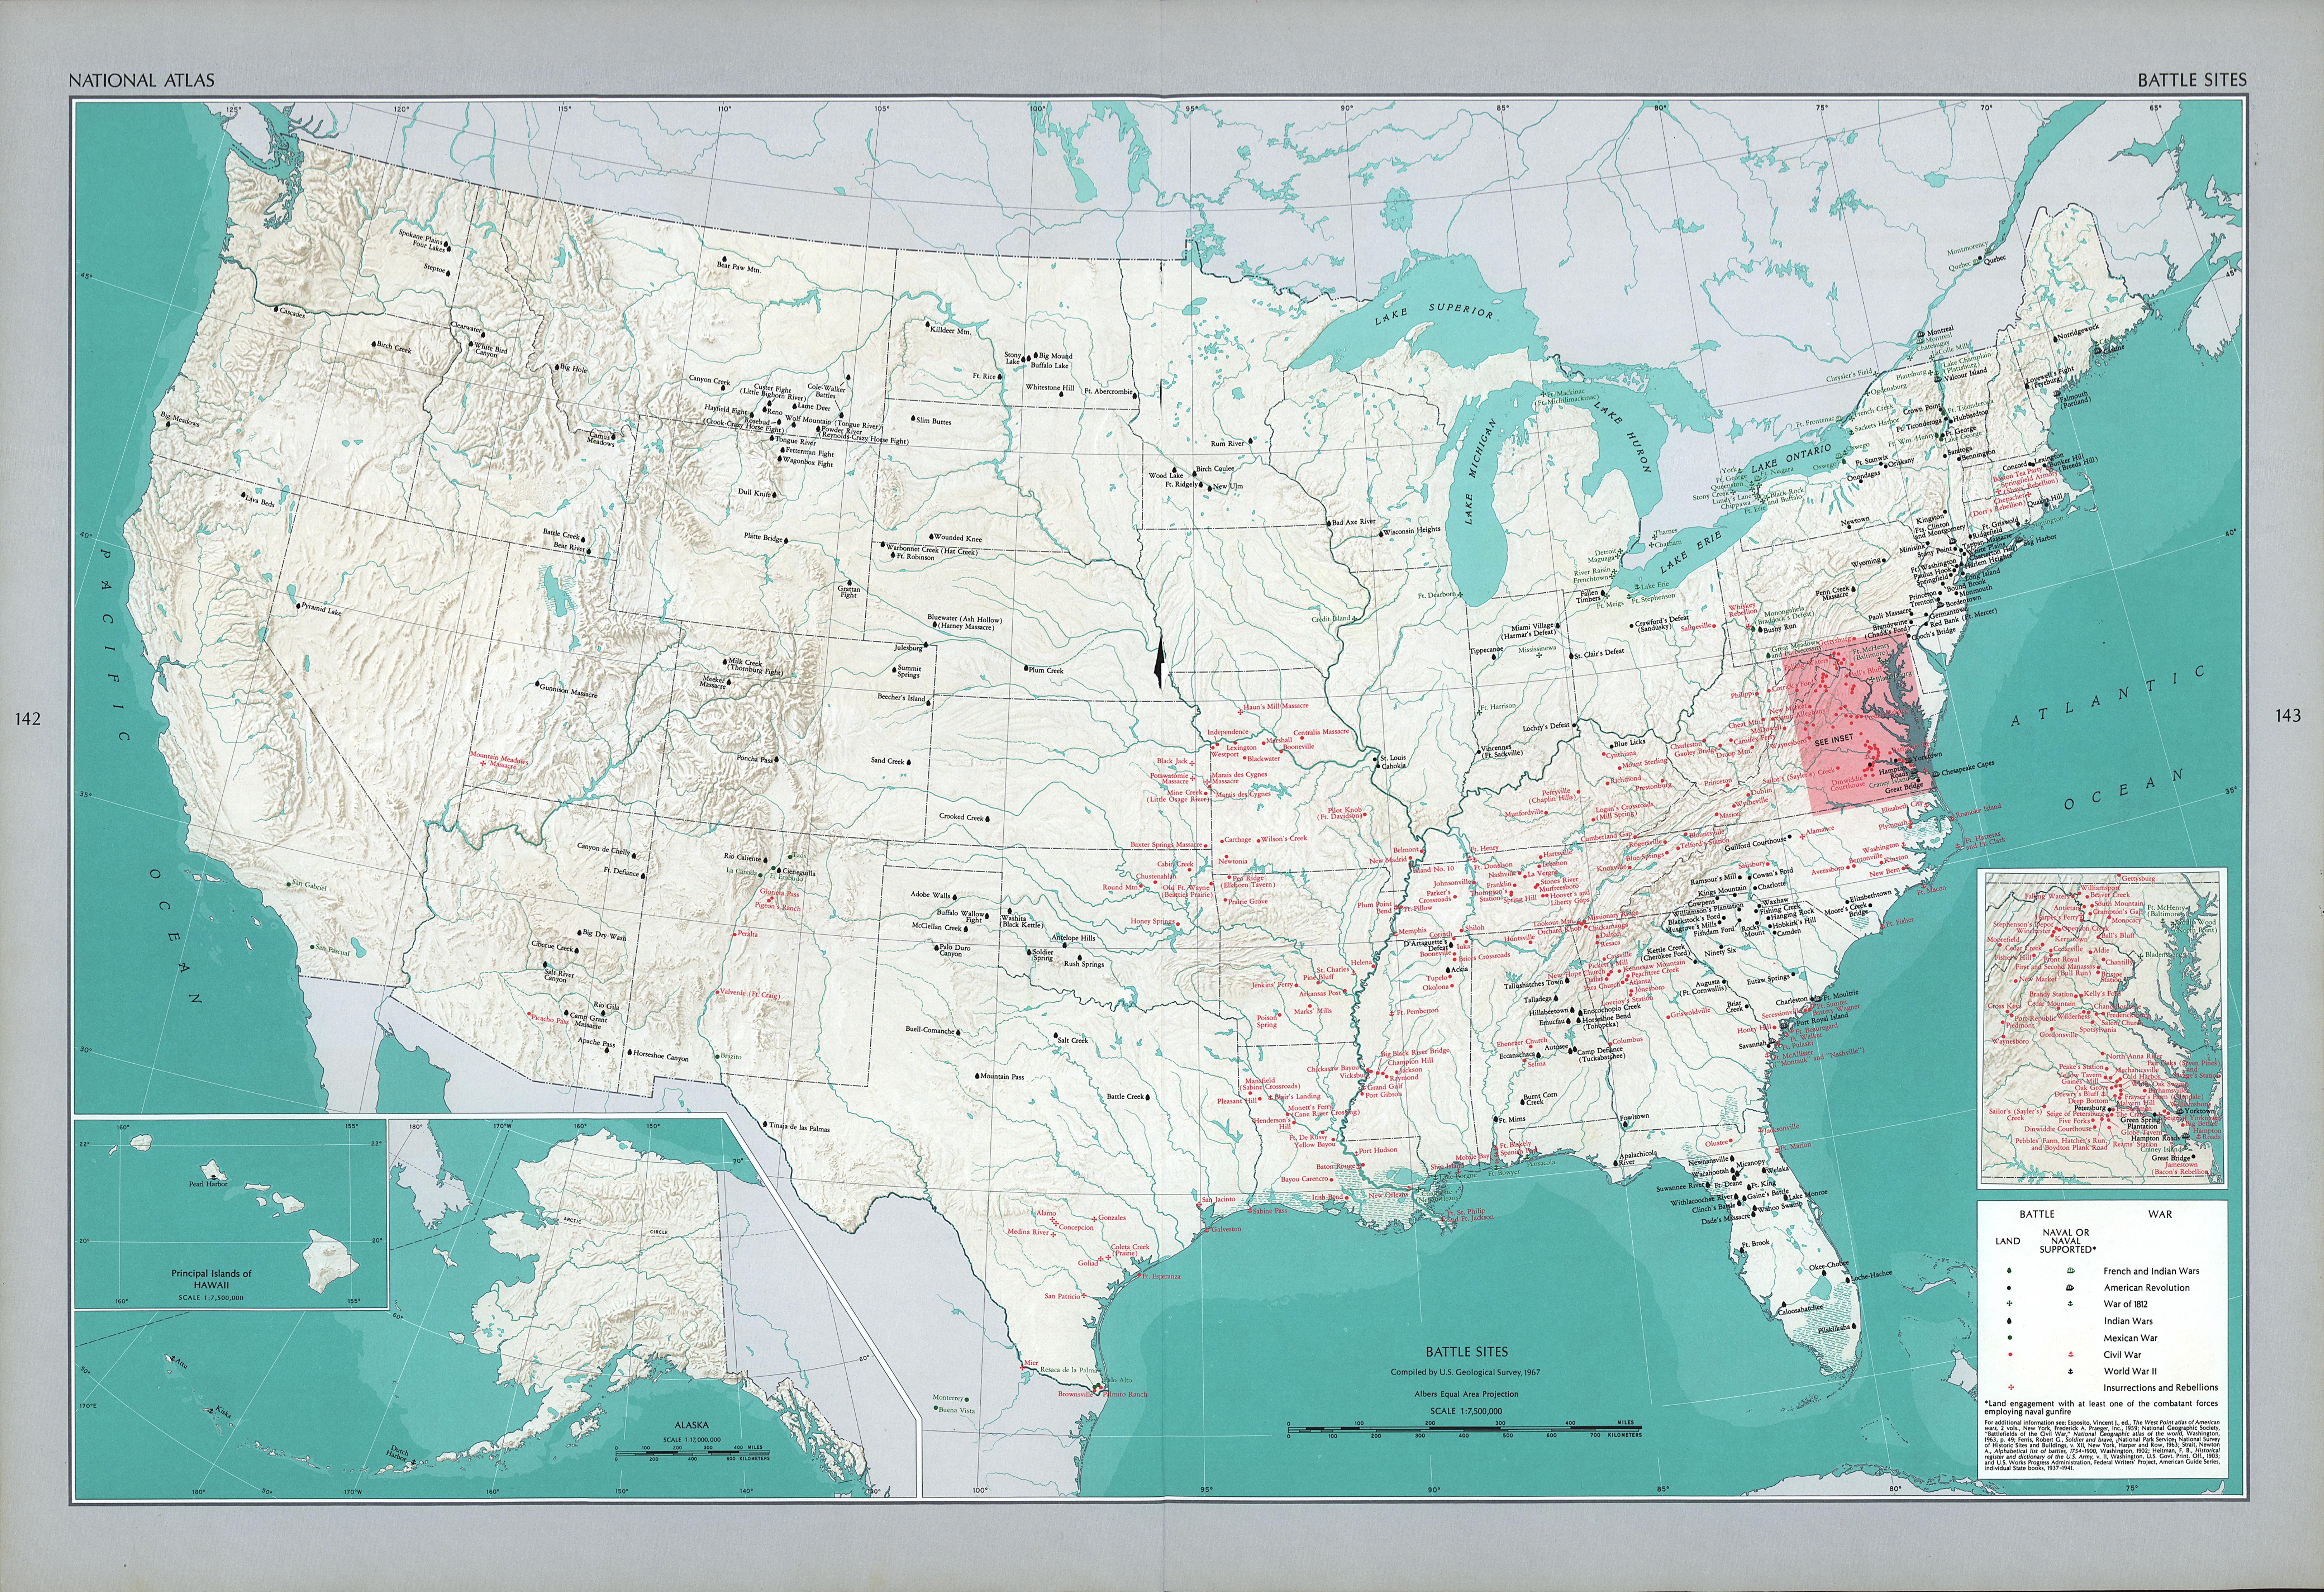 Mapa de los Sitios Históricos de las Principales Batallas, Estados Unidos